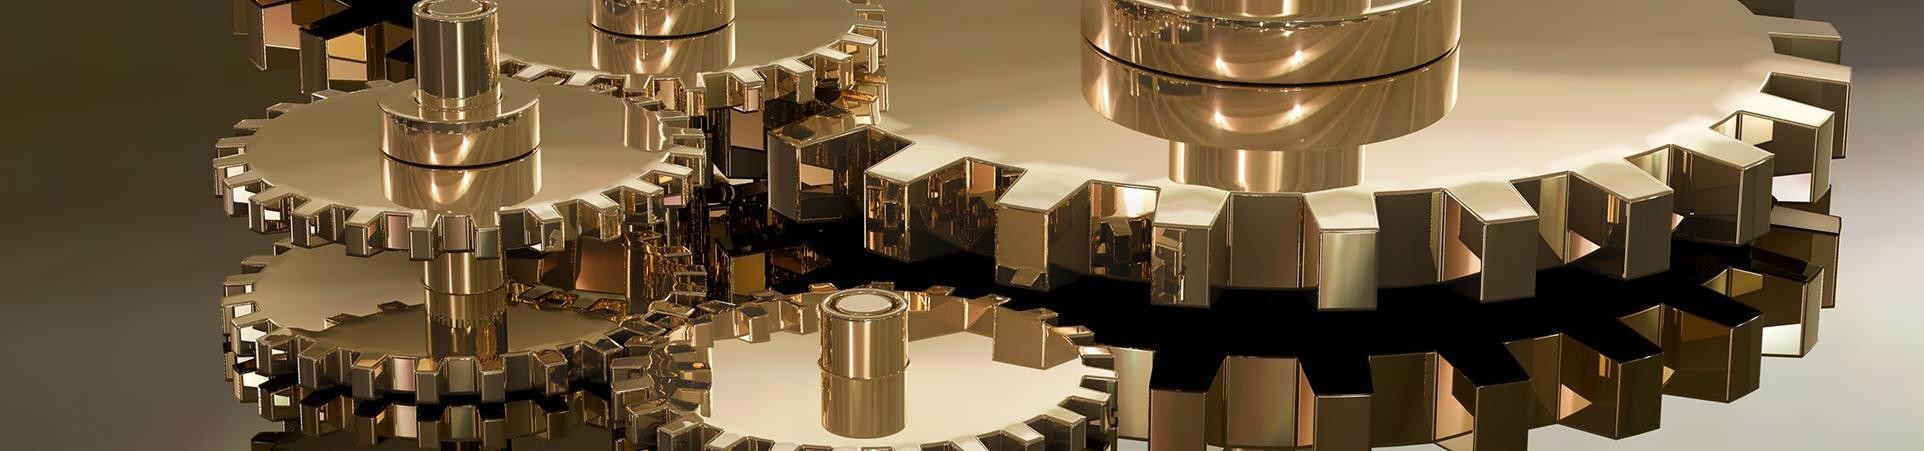 ispira-industrie-mecanique-qualite-air-